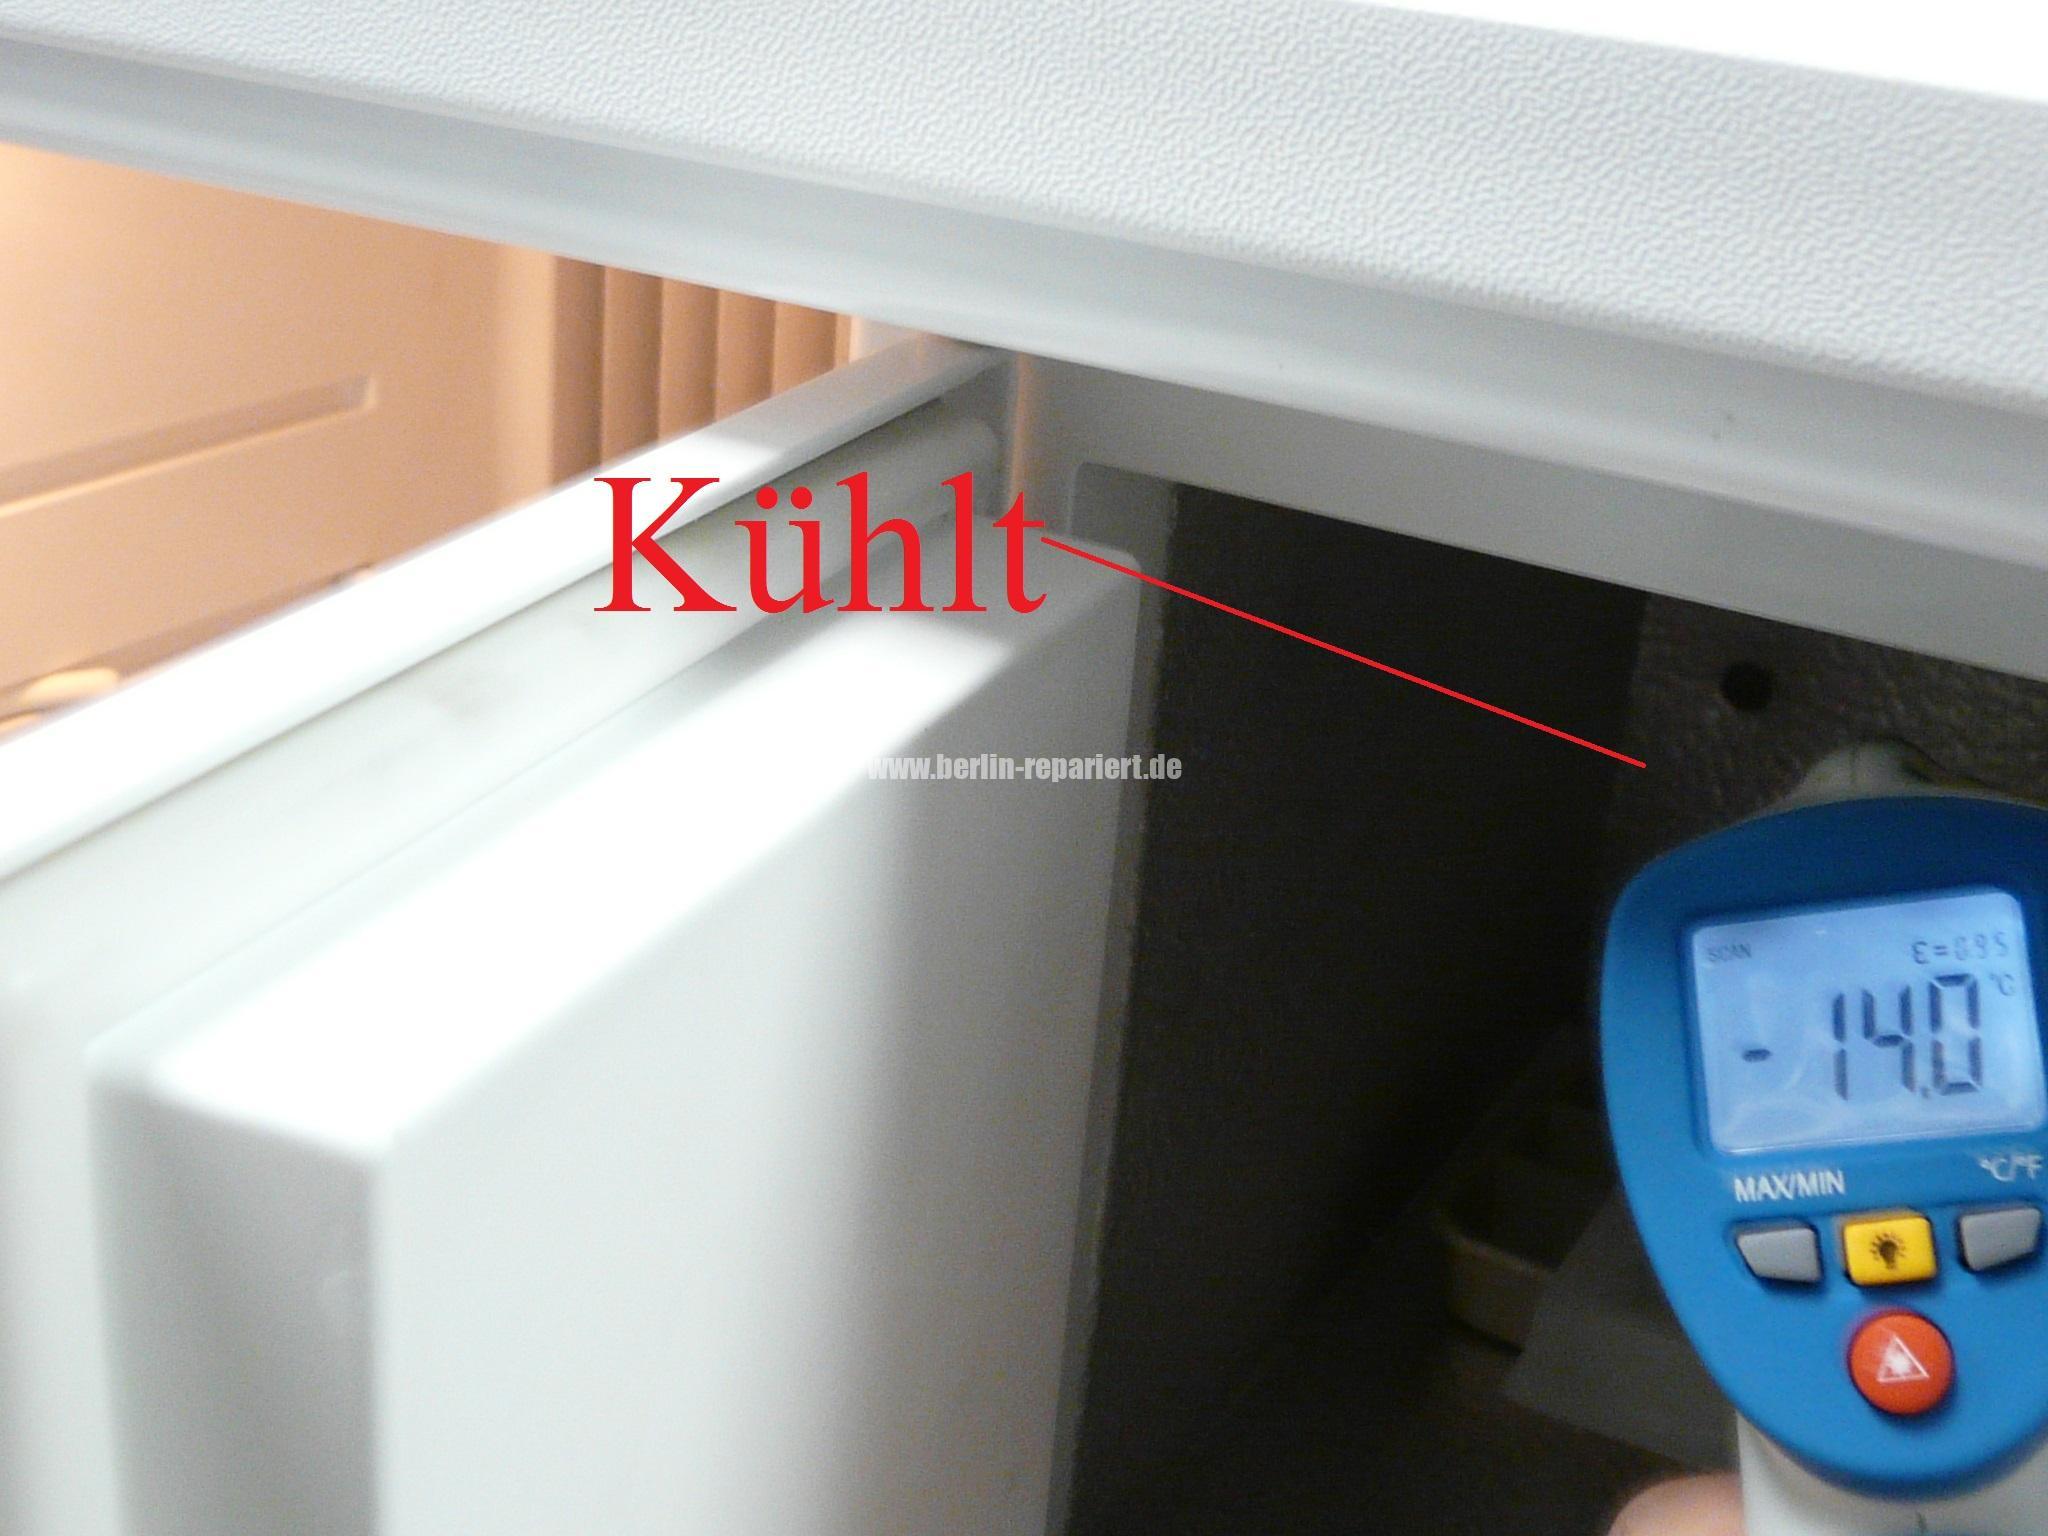 Smeg Kühlschrank Knacken : Smeg kühlschrank kühlt nicht mehr smeg kühlschrank defekt ebay